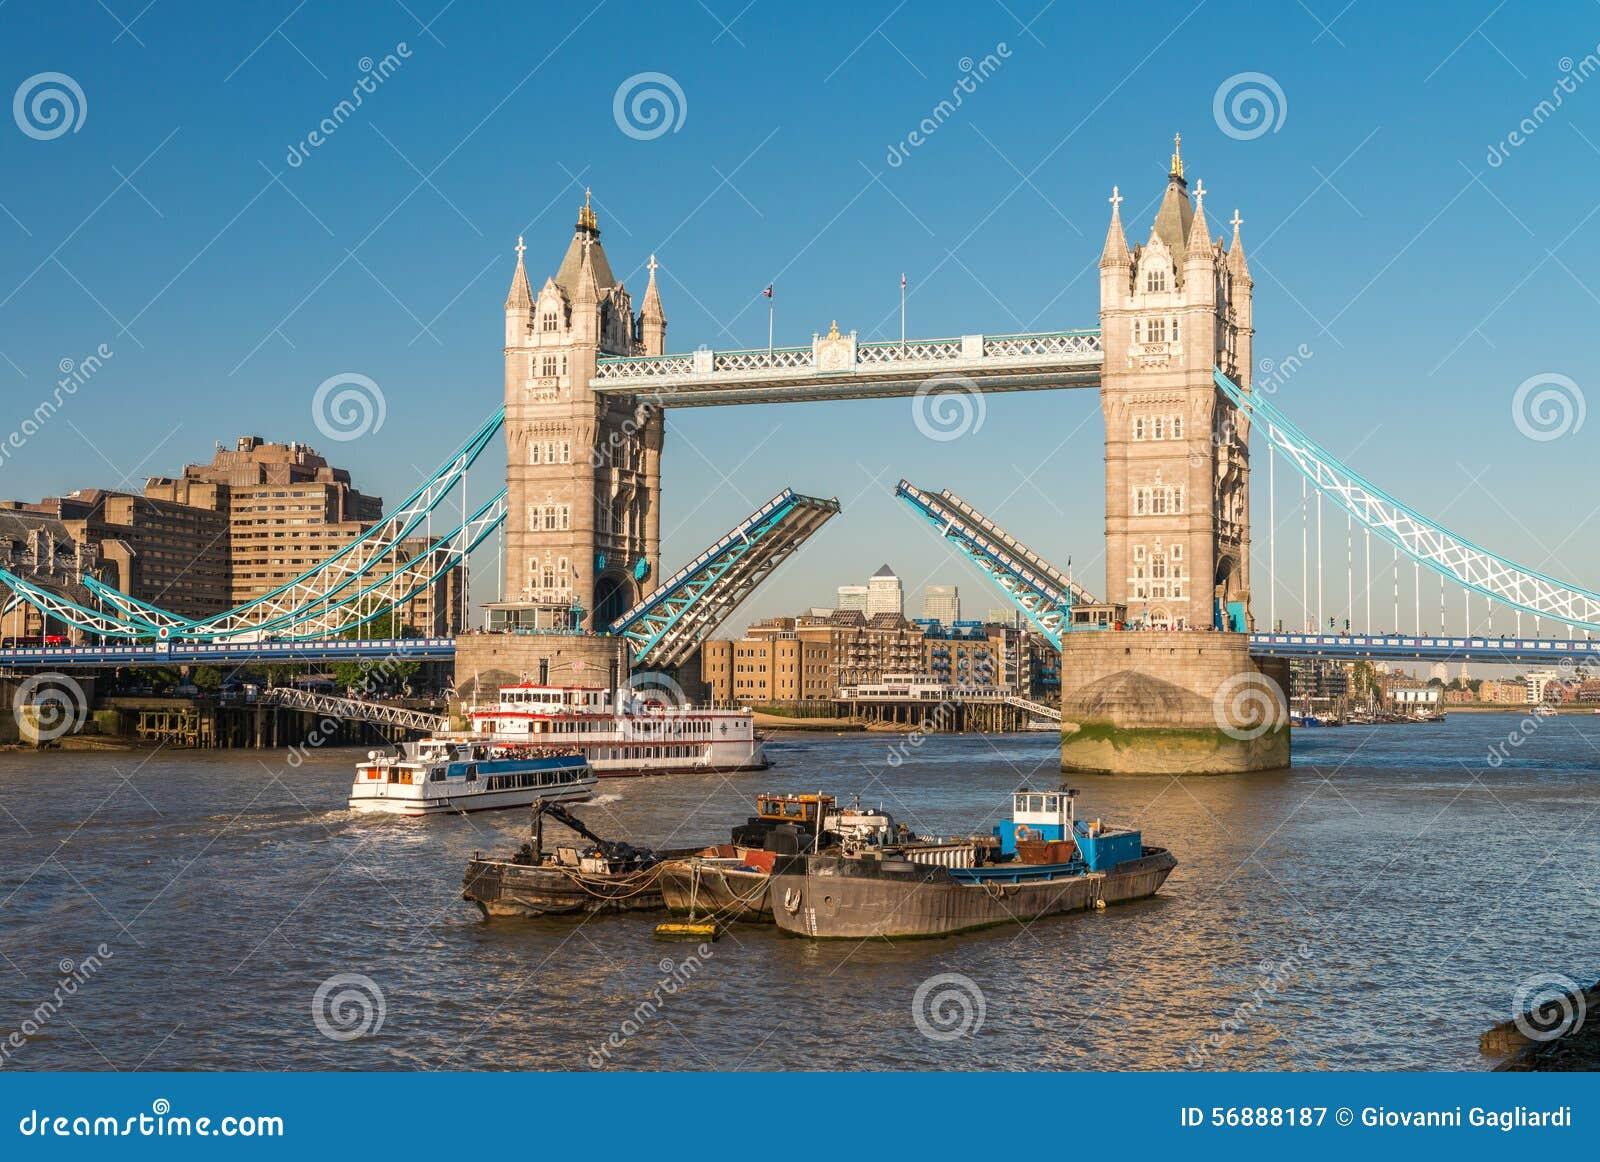 Il ponticello della torretta, Londra Apertura del ponte mobile